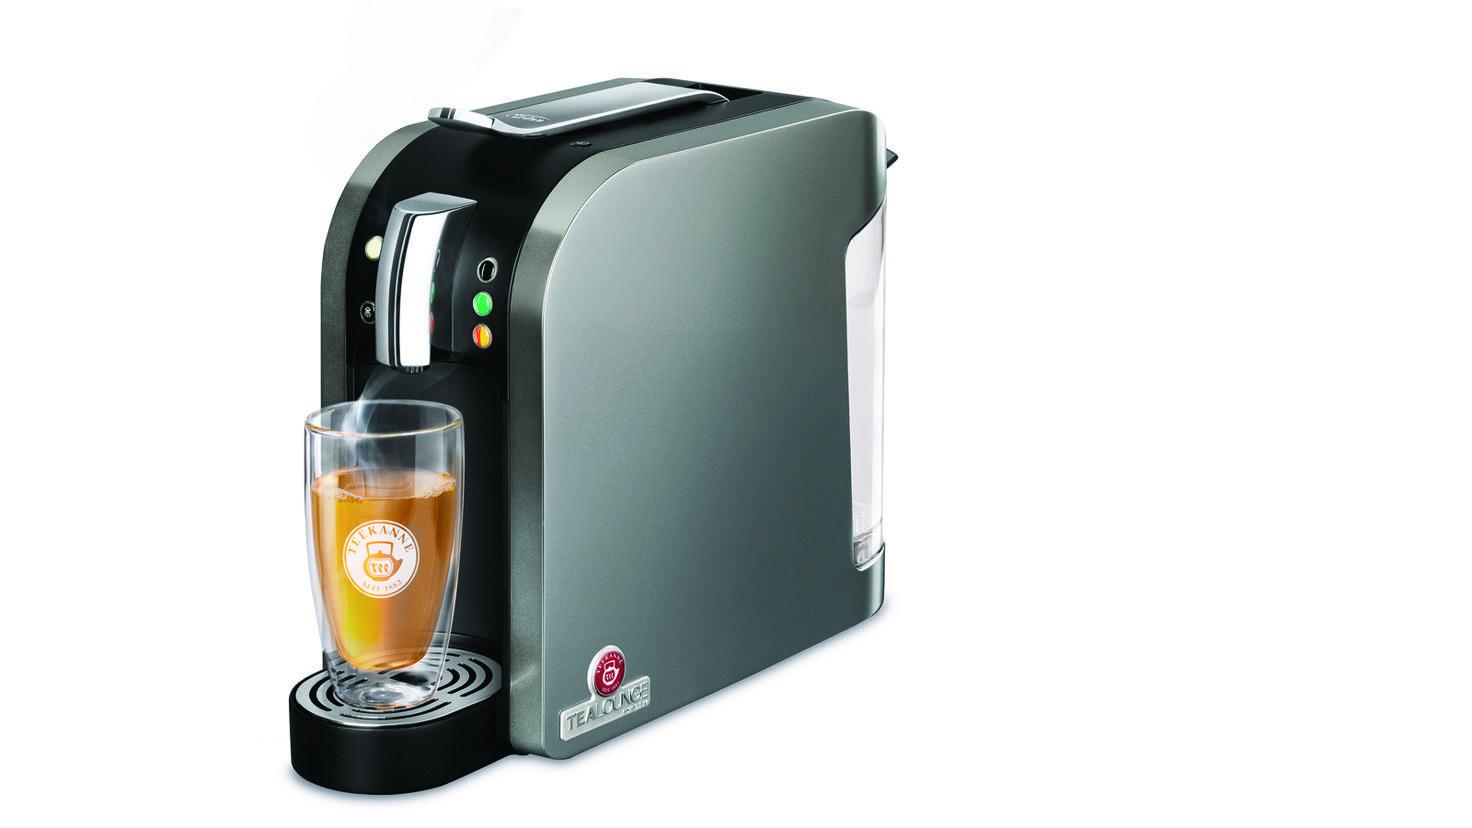 Teekanne 7119 Tealounge System Teemaschine